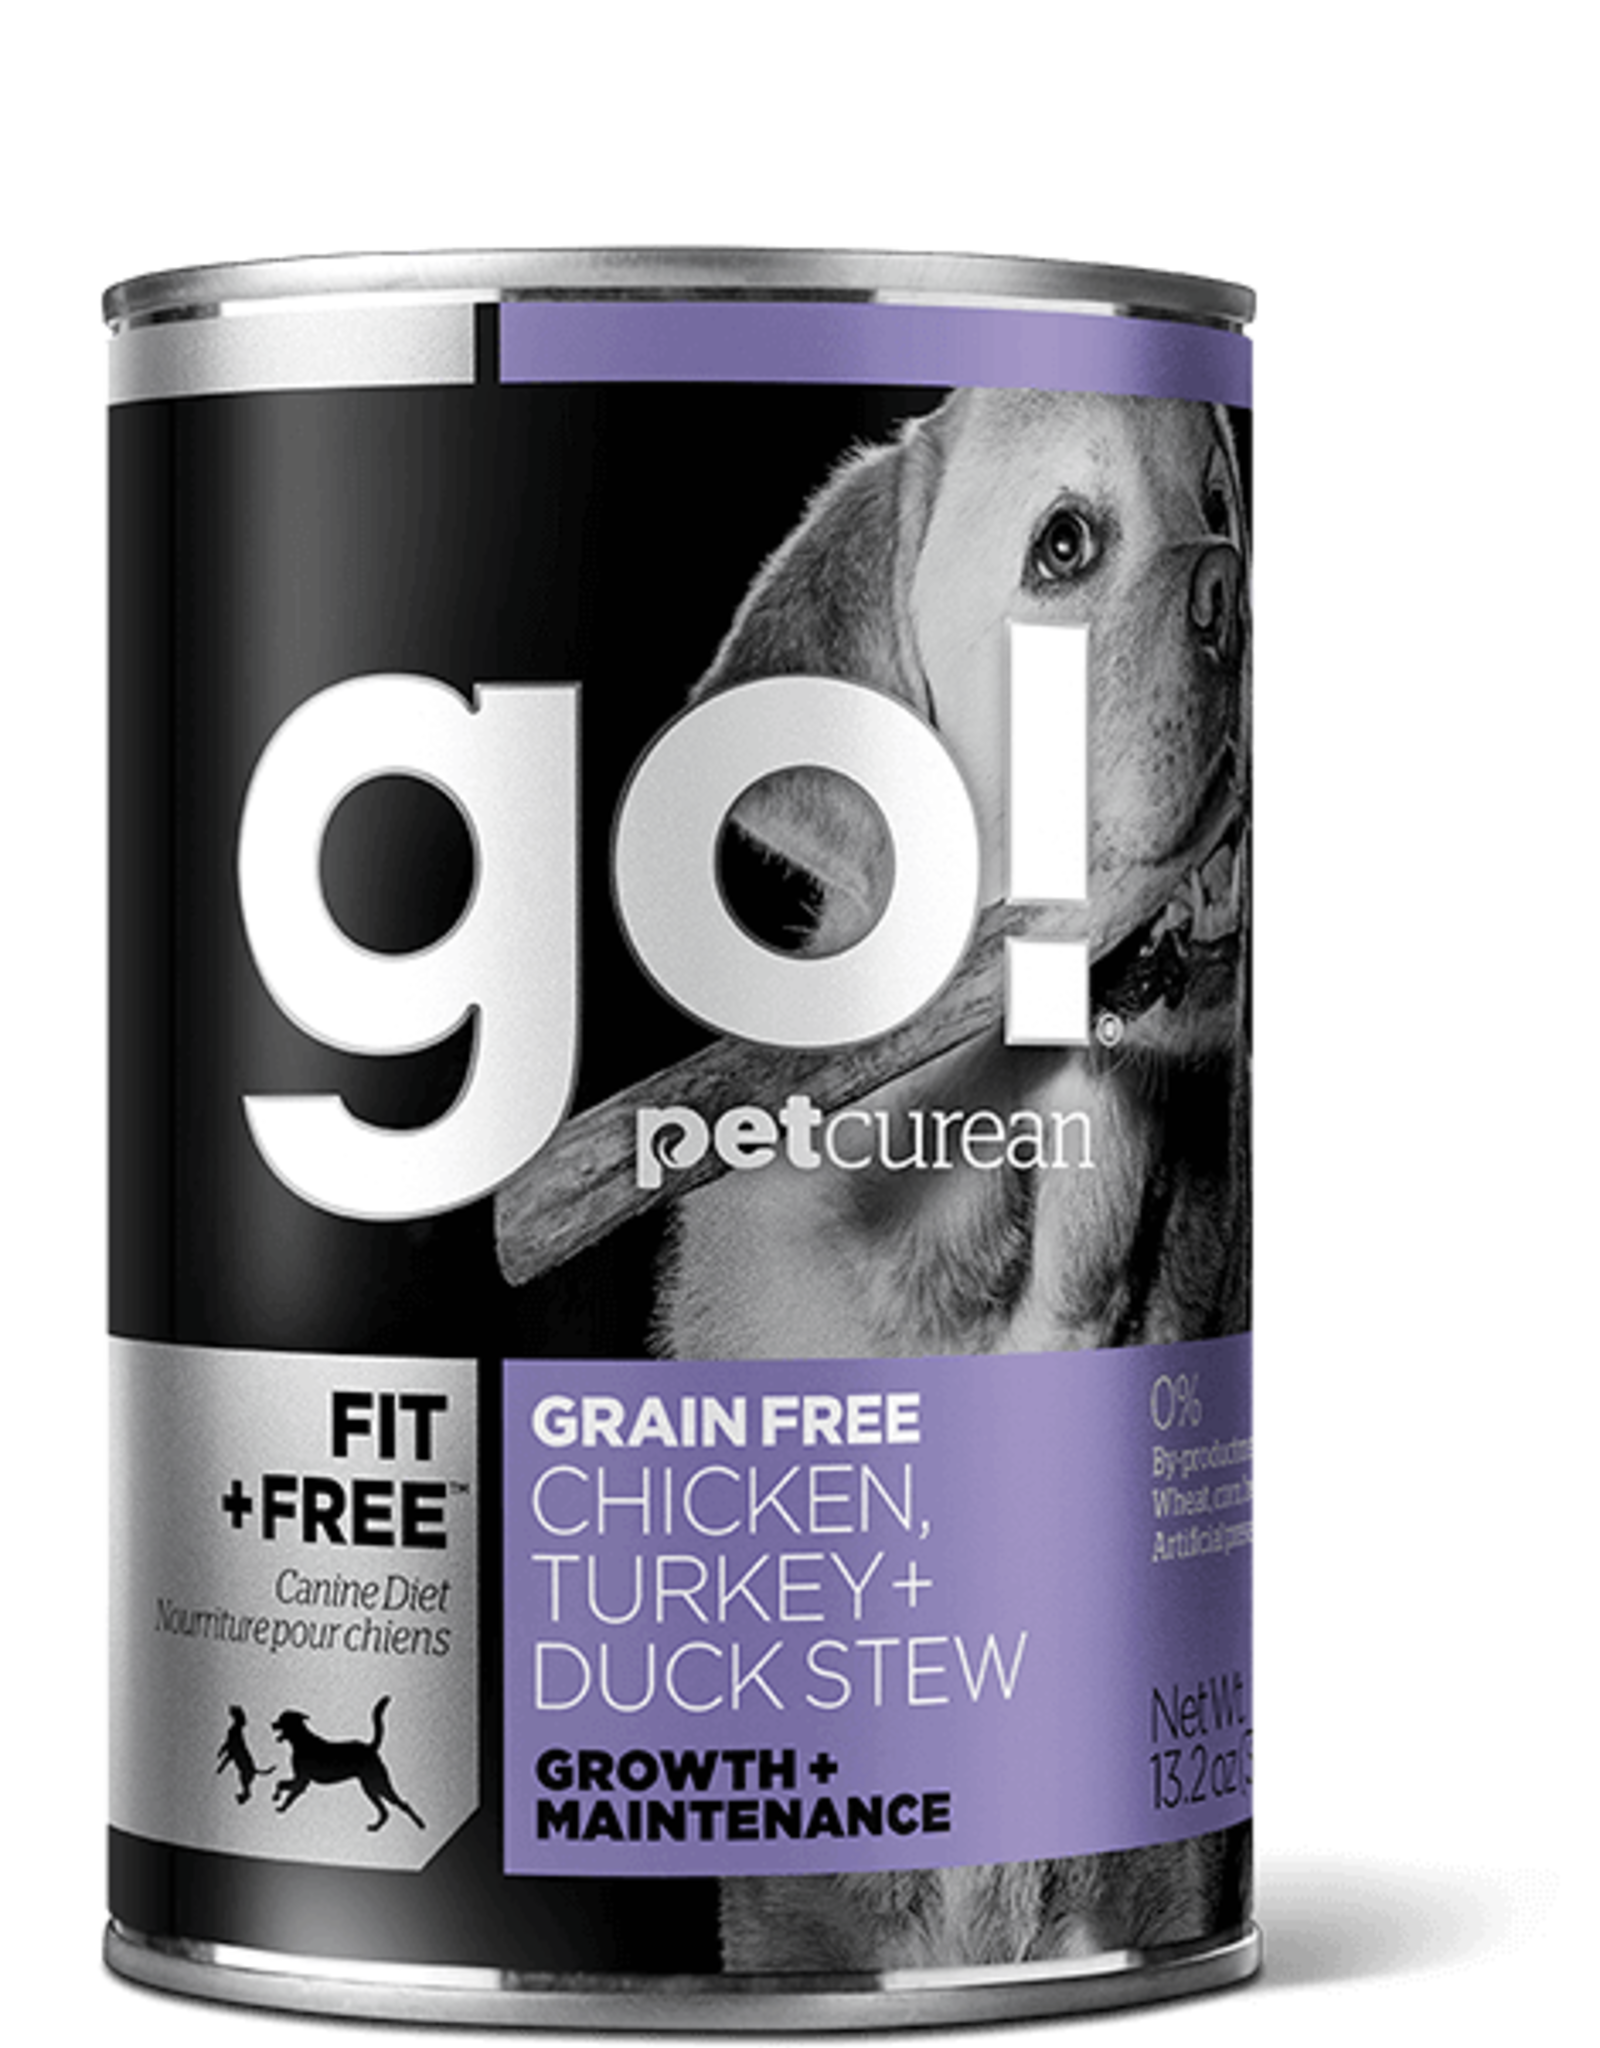 Petcurean Go Fit+Free Dog Grain Free Chicken Turkey  Duck Stew Can 374g